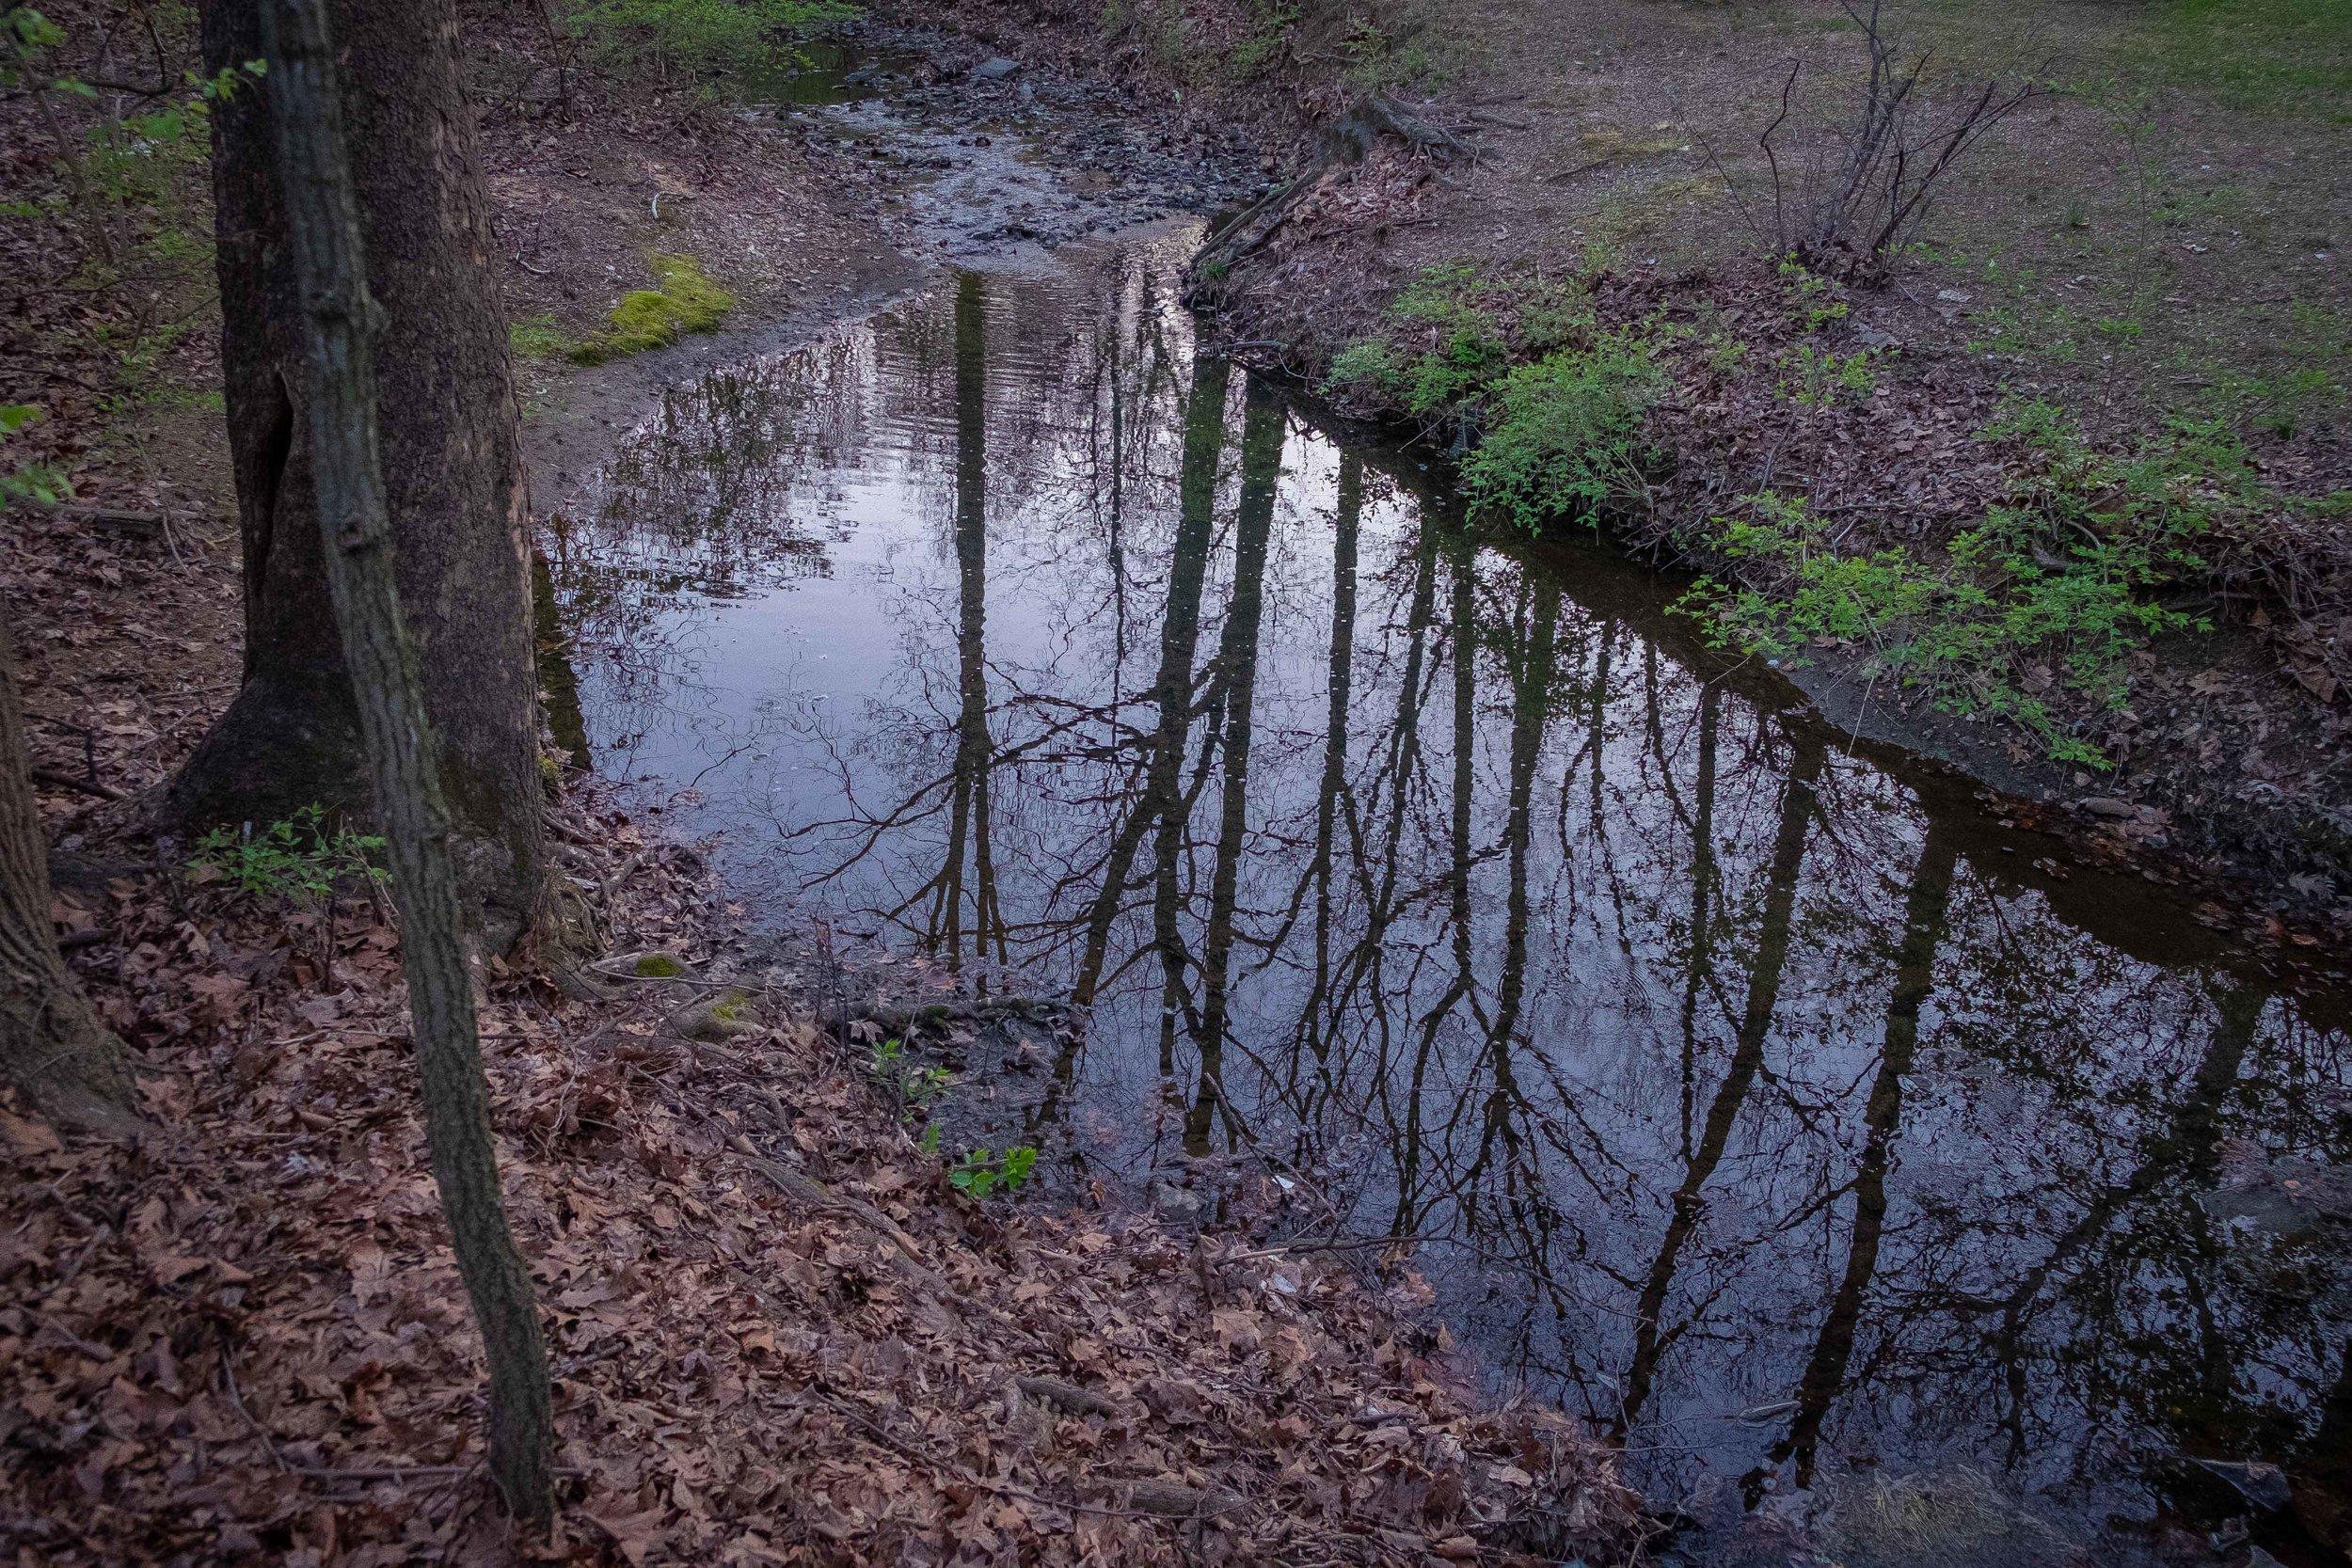 Grosvenor Park - 4/11/18